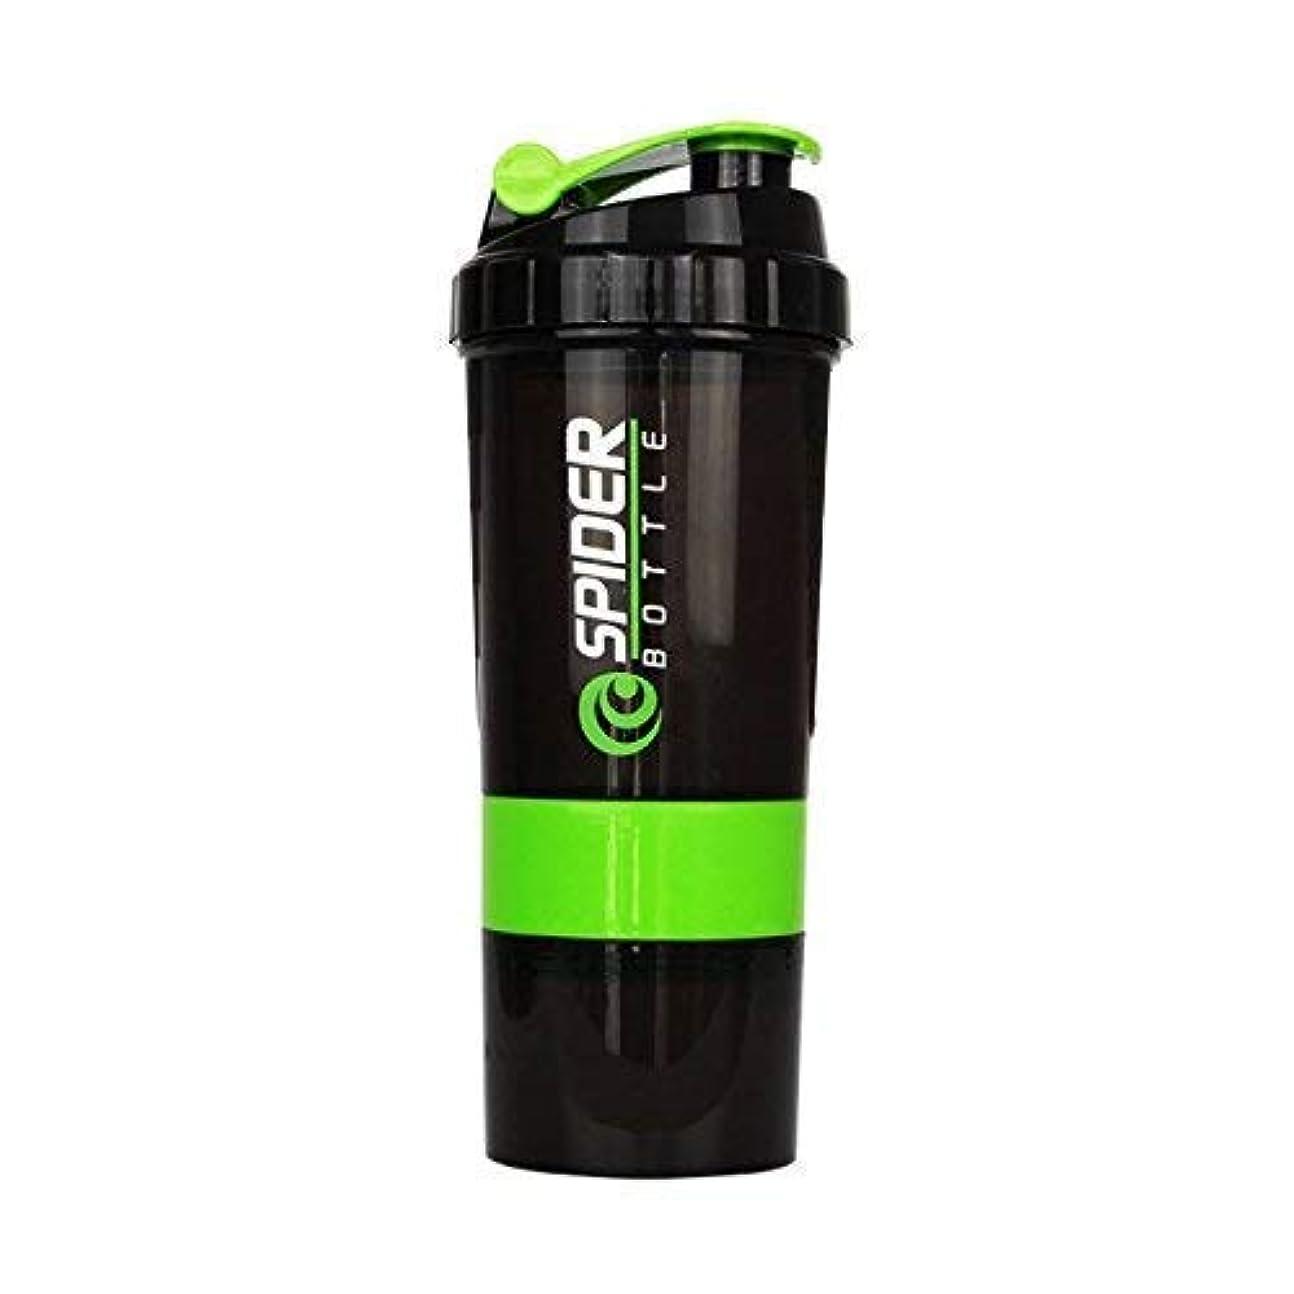 説明的一貫性のない森林GOIOD 3層ハンディー式 ウォーターボトル プロテインシ シェーカーボトル フィットネス用 プラスチック 目盛り ジム ダイエット スポーツ 栄養錠剤ビタミン入れ(ブラック) 600ML (グリーン)